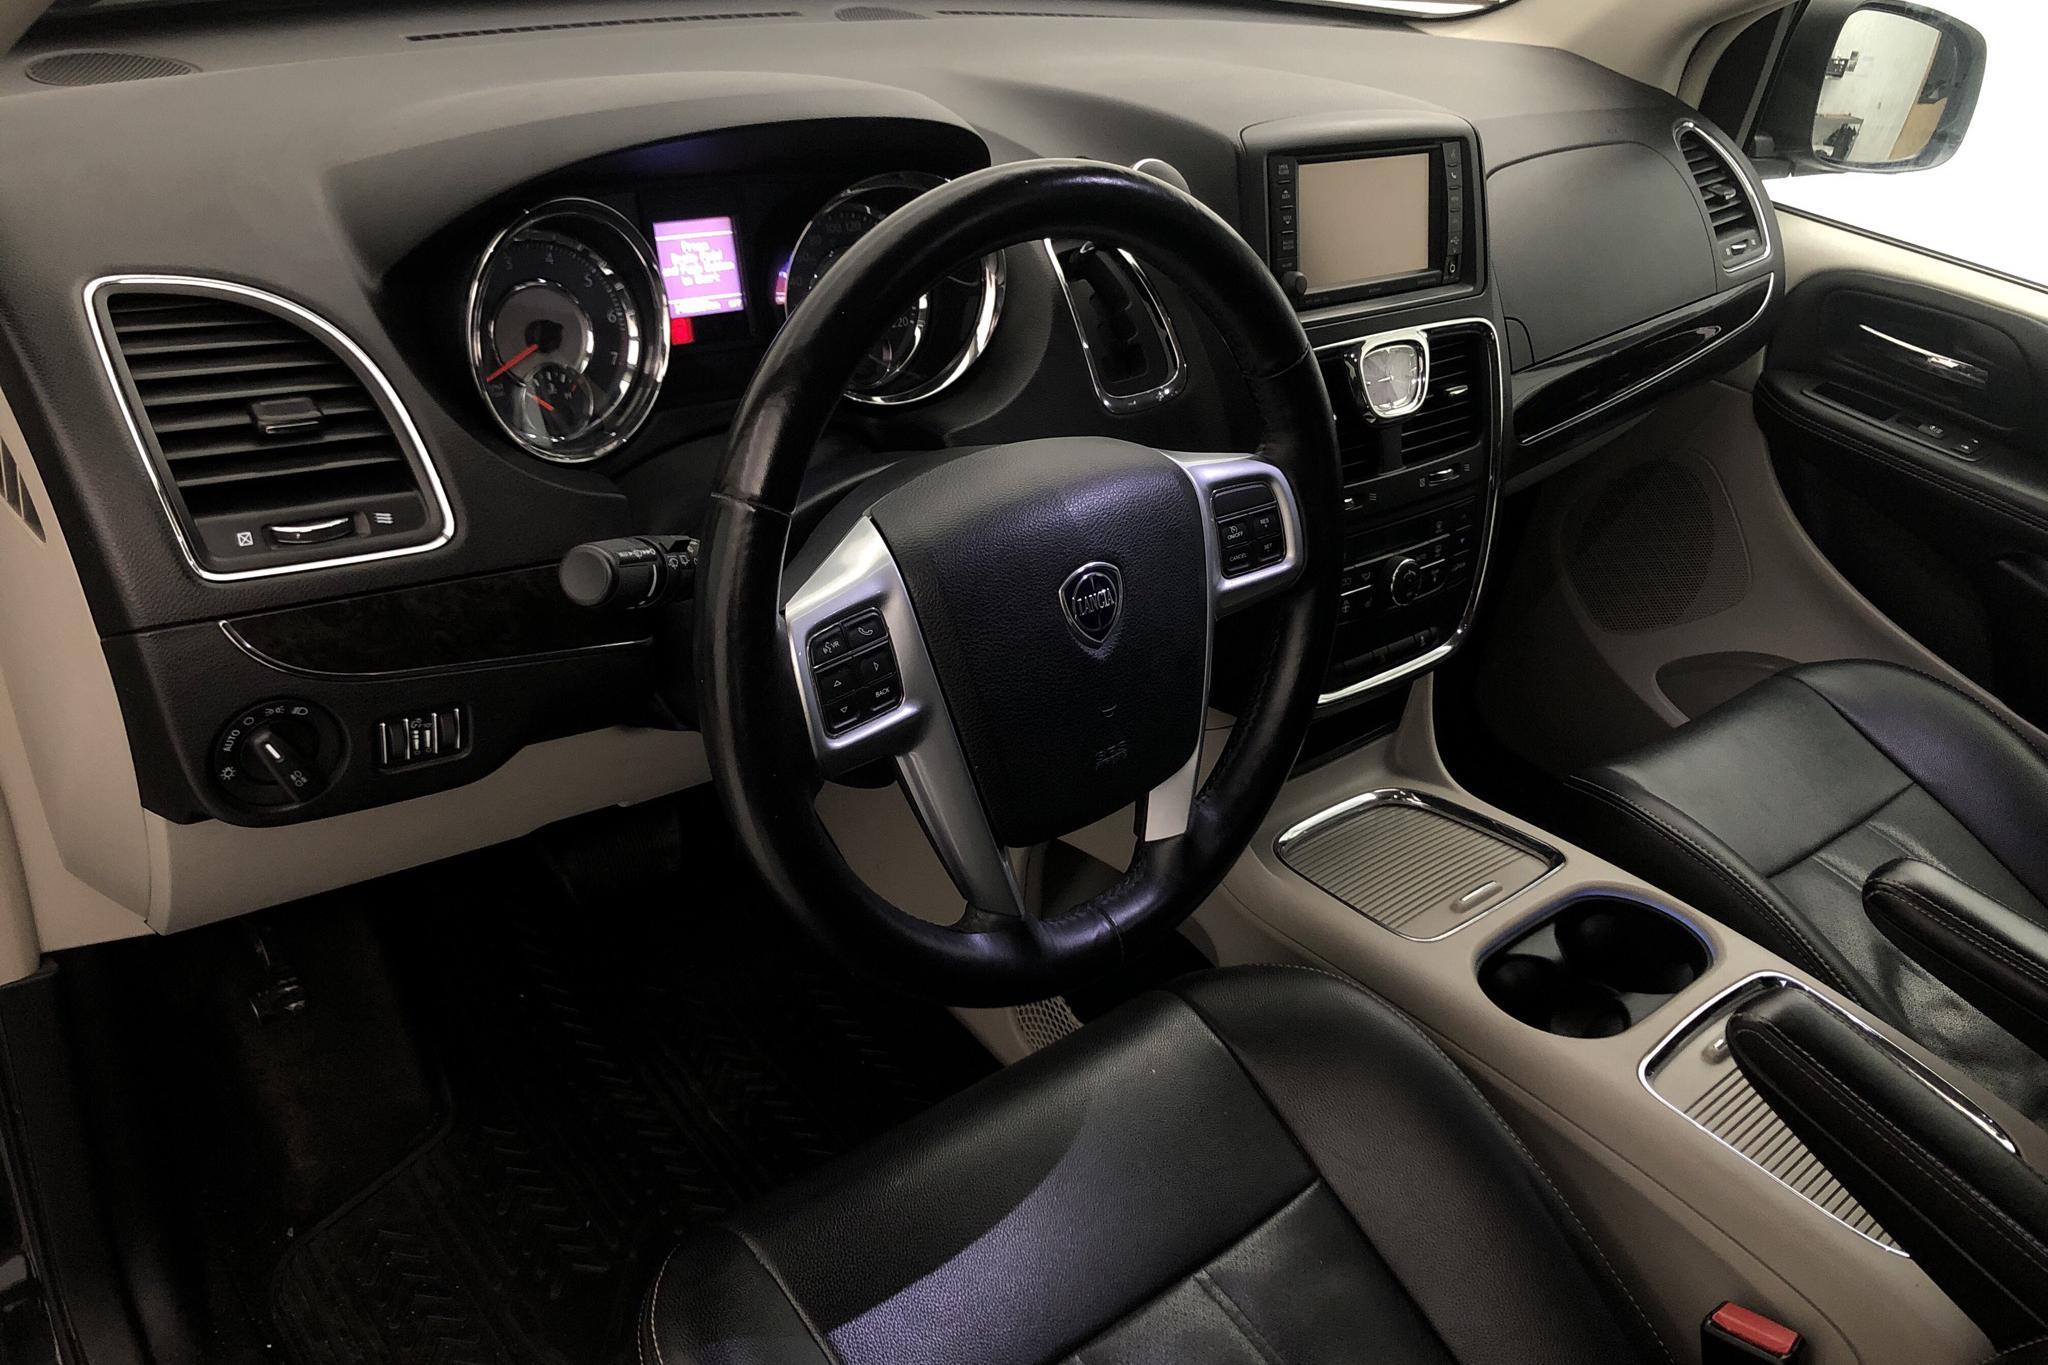 Lancia Lancia Voyager 3.6 V6 (283hk) - 140 880 km - Automatic - black - 2012